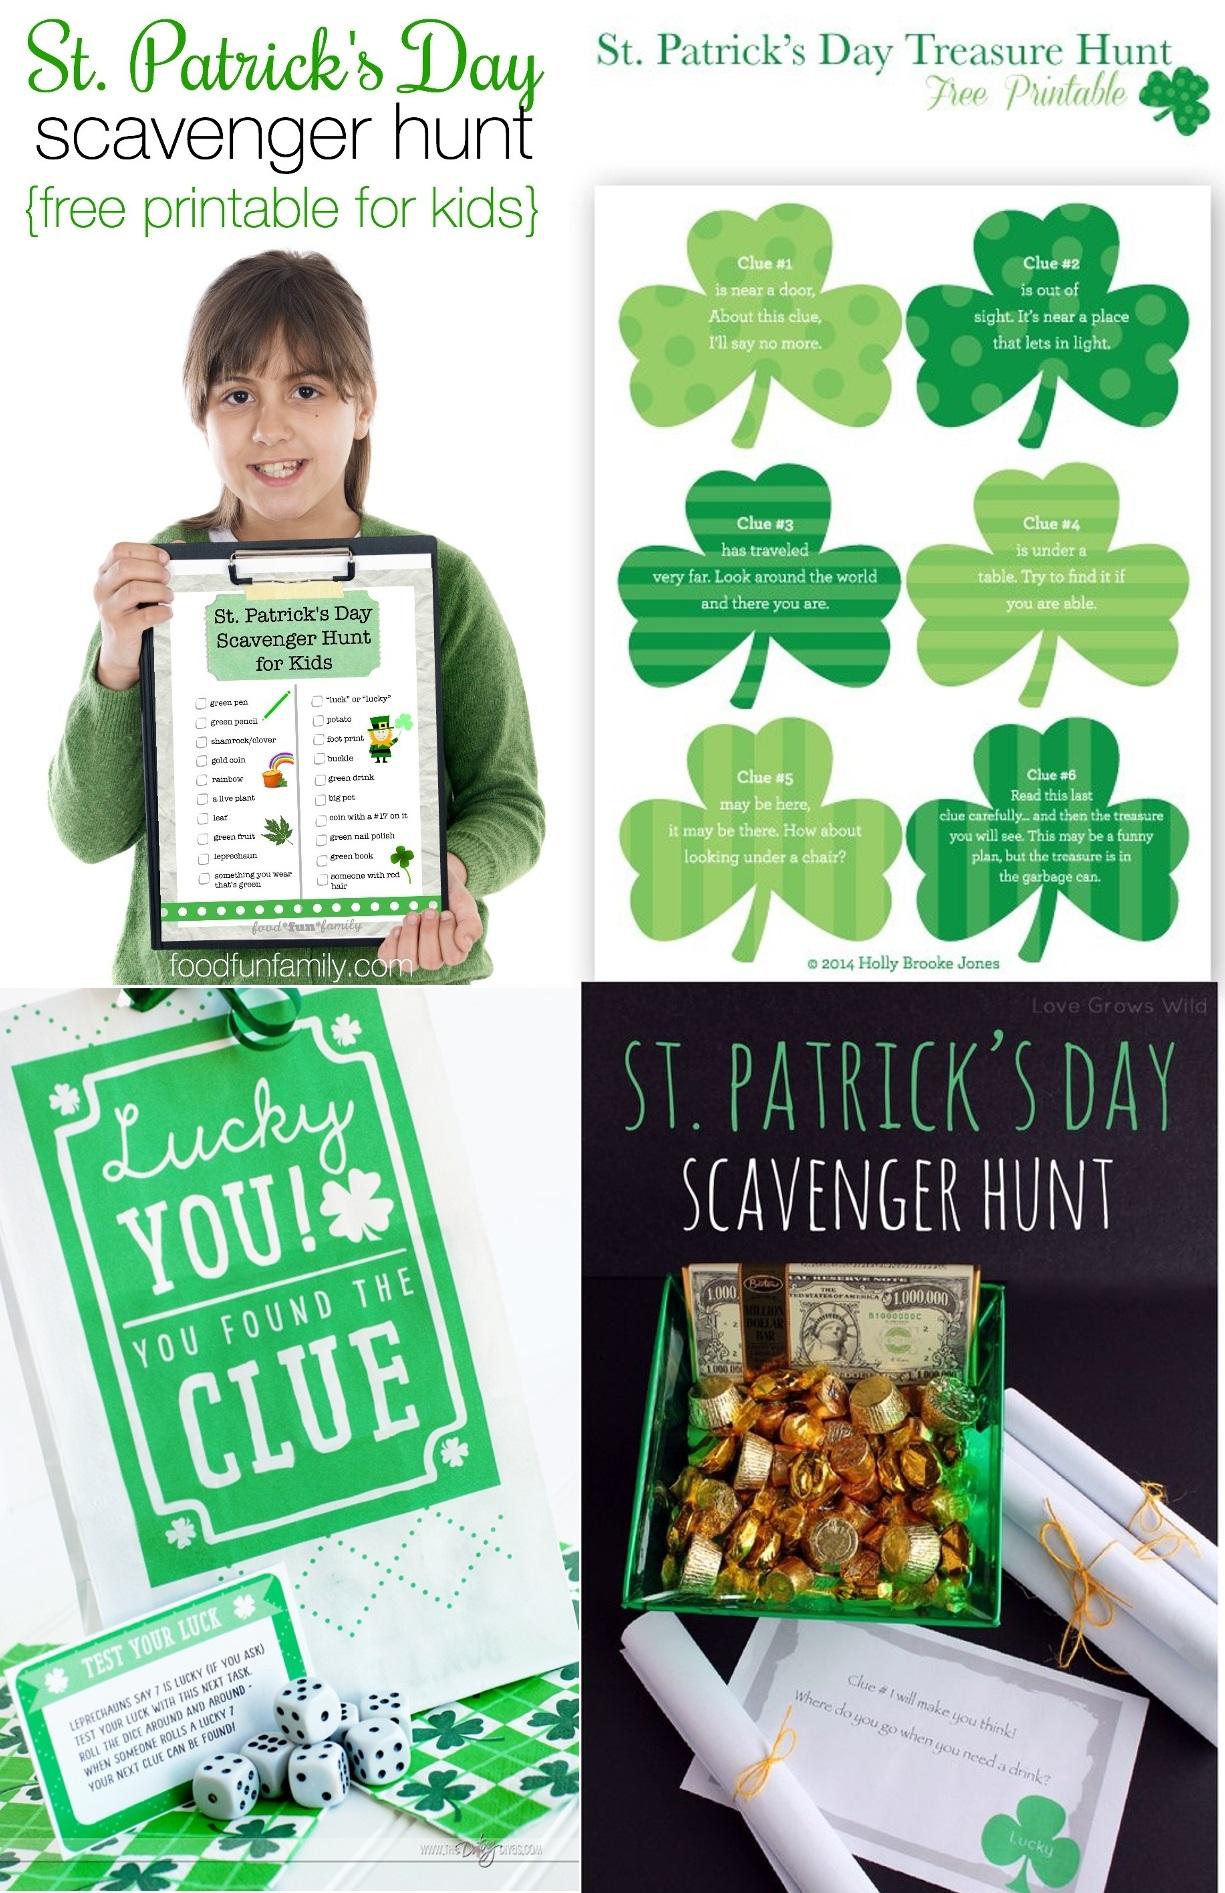 12 St. Patrick's Day Game Printables St. Patrick's Day Game Printable Treasure Hunt Scavenger Hunt